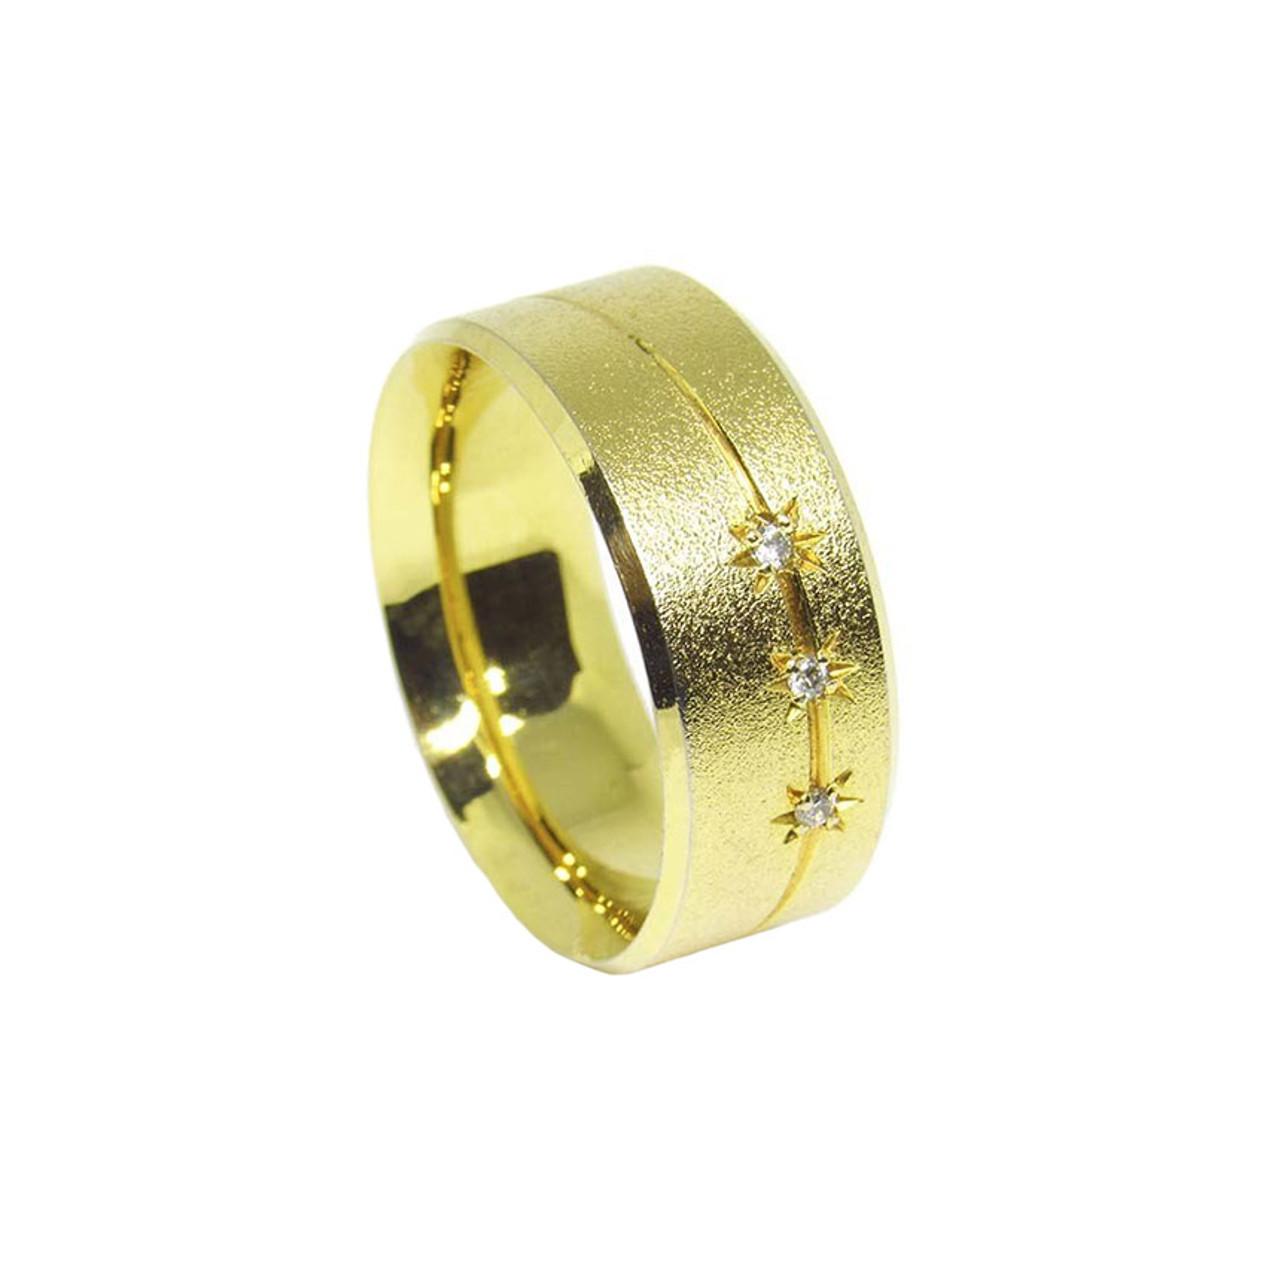 31214aa7a0f96 Aliança de ouro 18k Anatômica Maciça com brilhantes 8